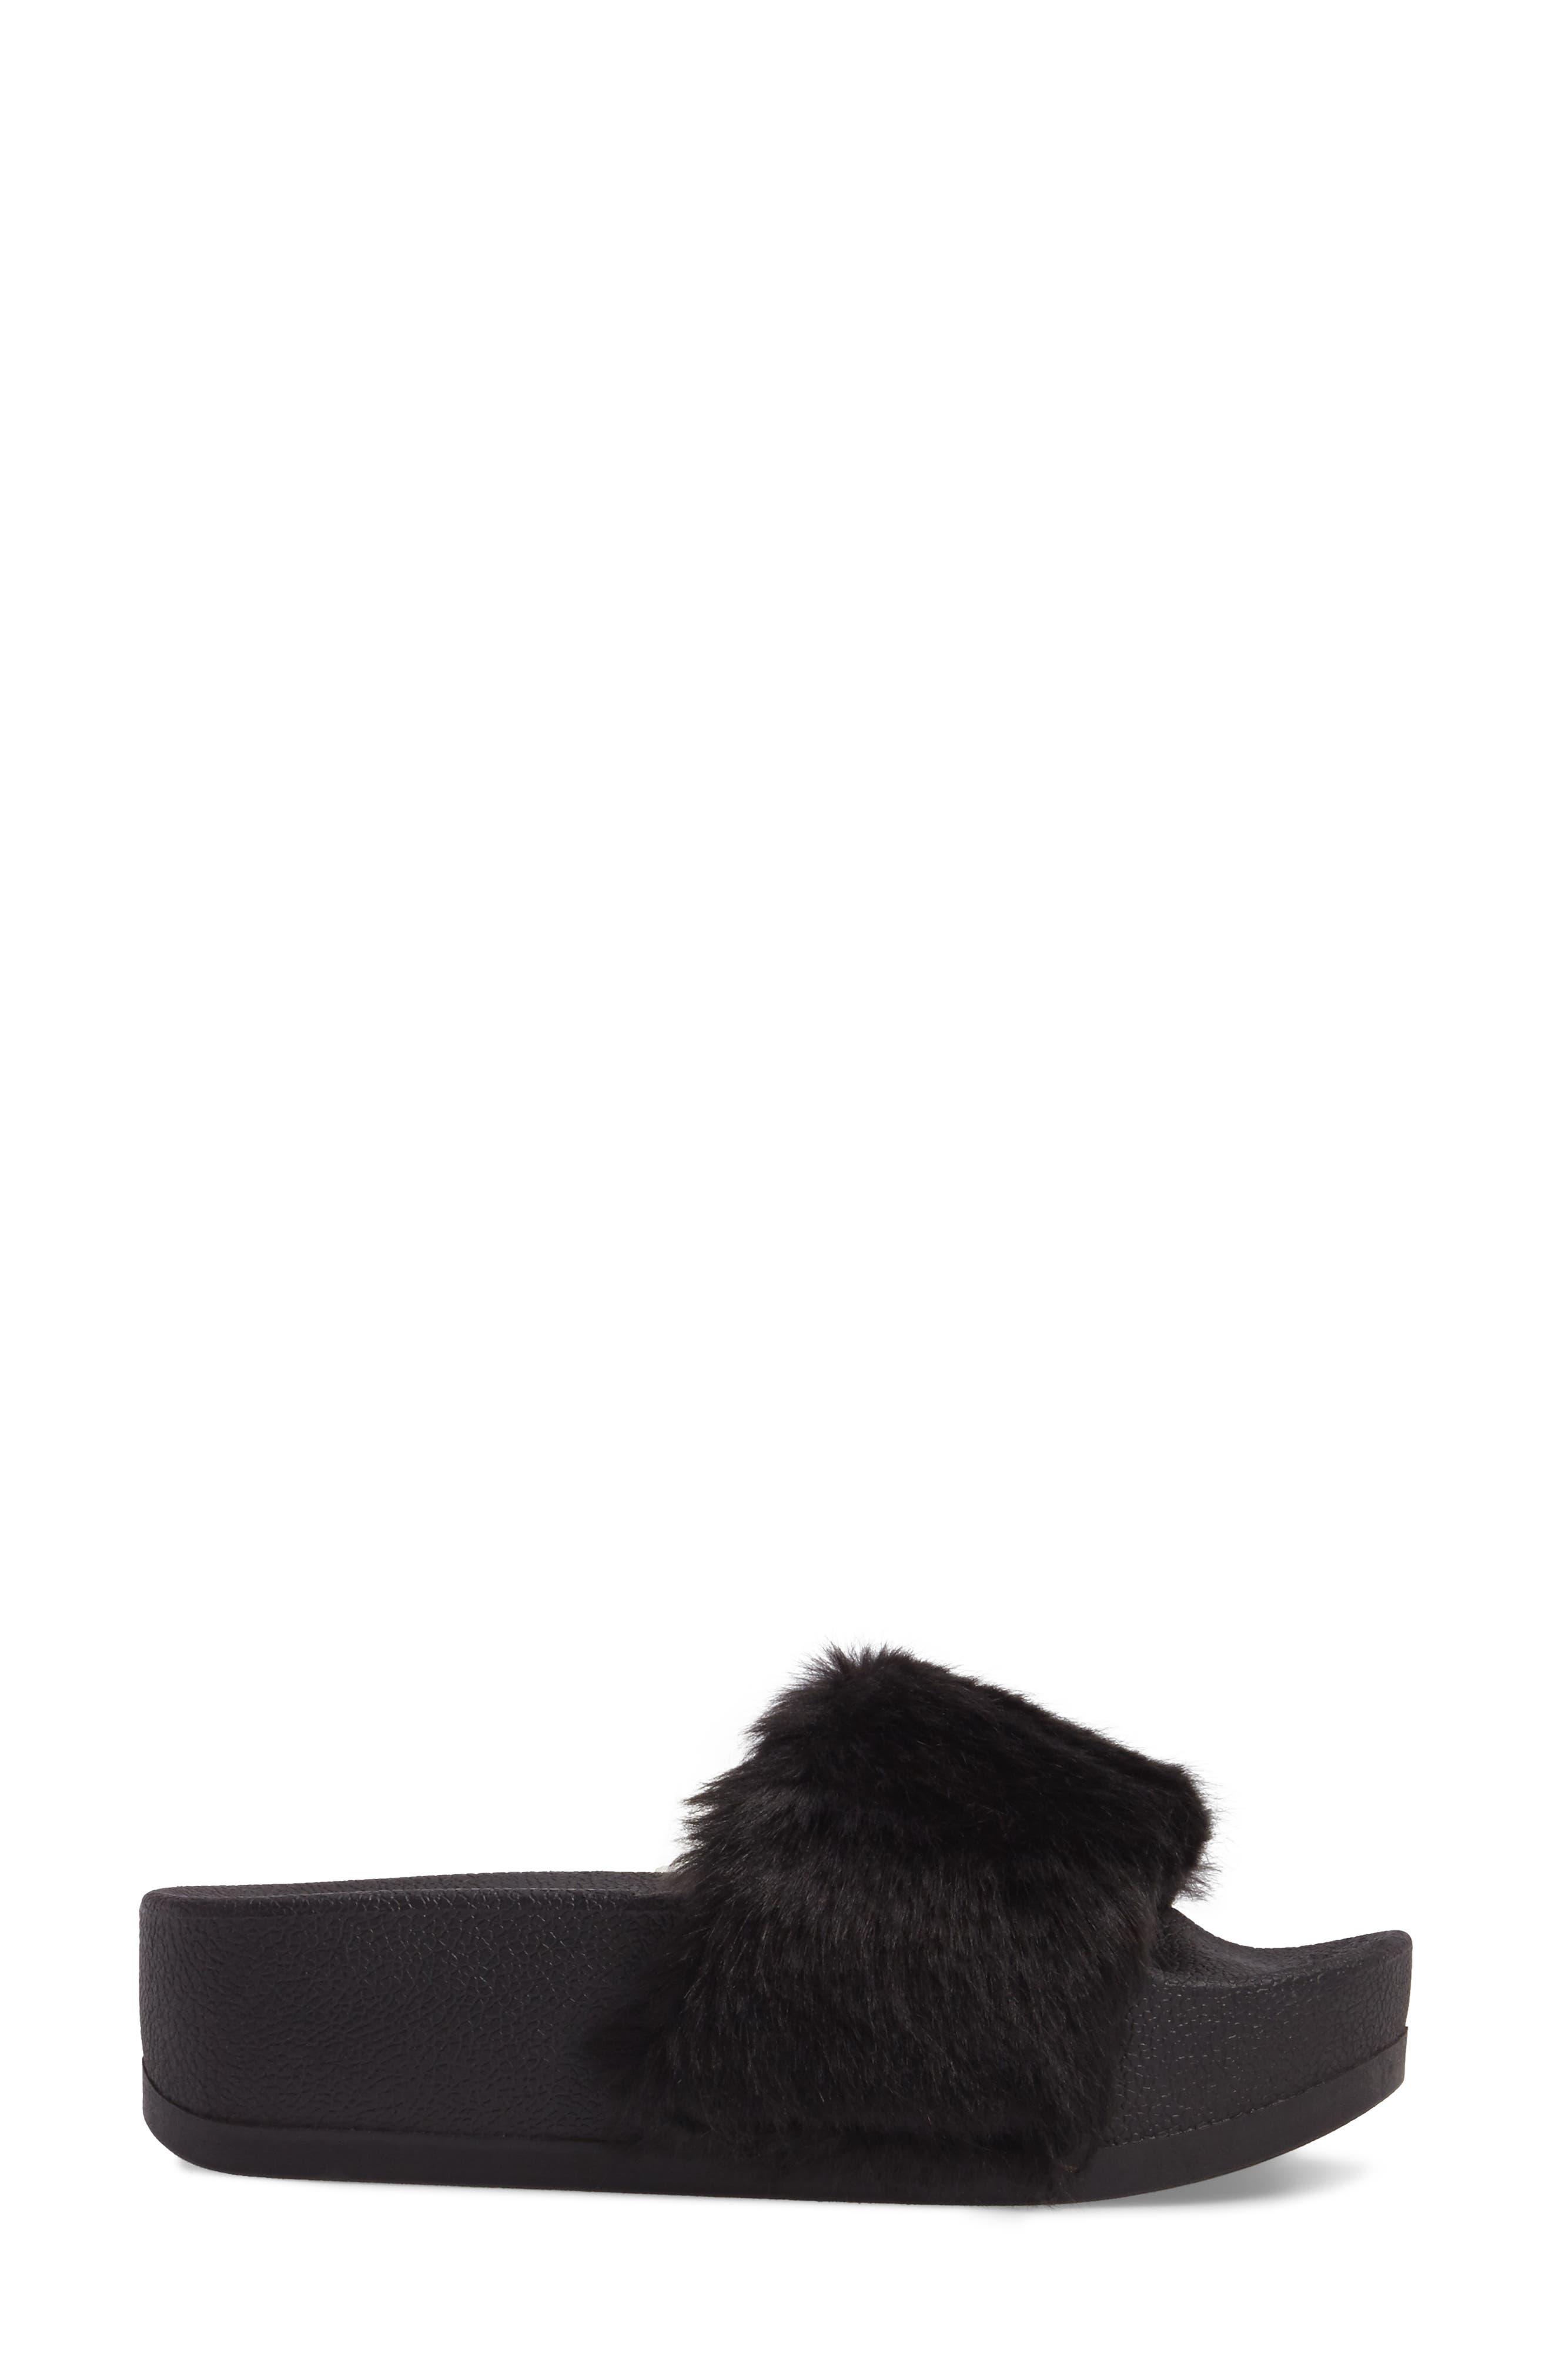 STEVE MADDEN,                             Softey Faux Fur Platform Slide,                             Alternate thumbnail 3, color,                             001